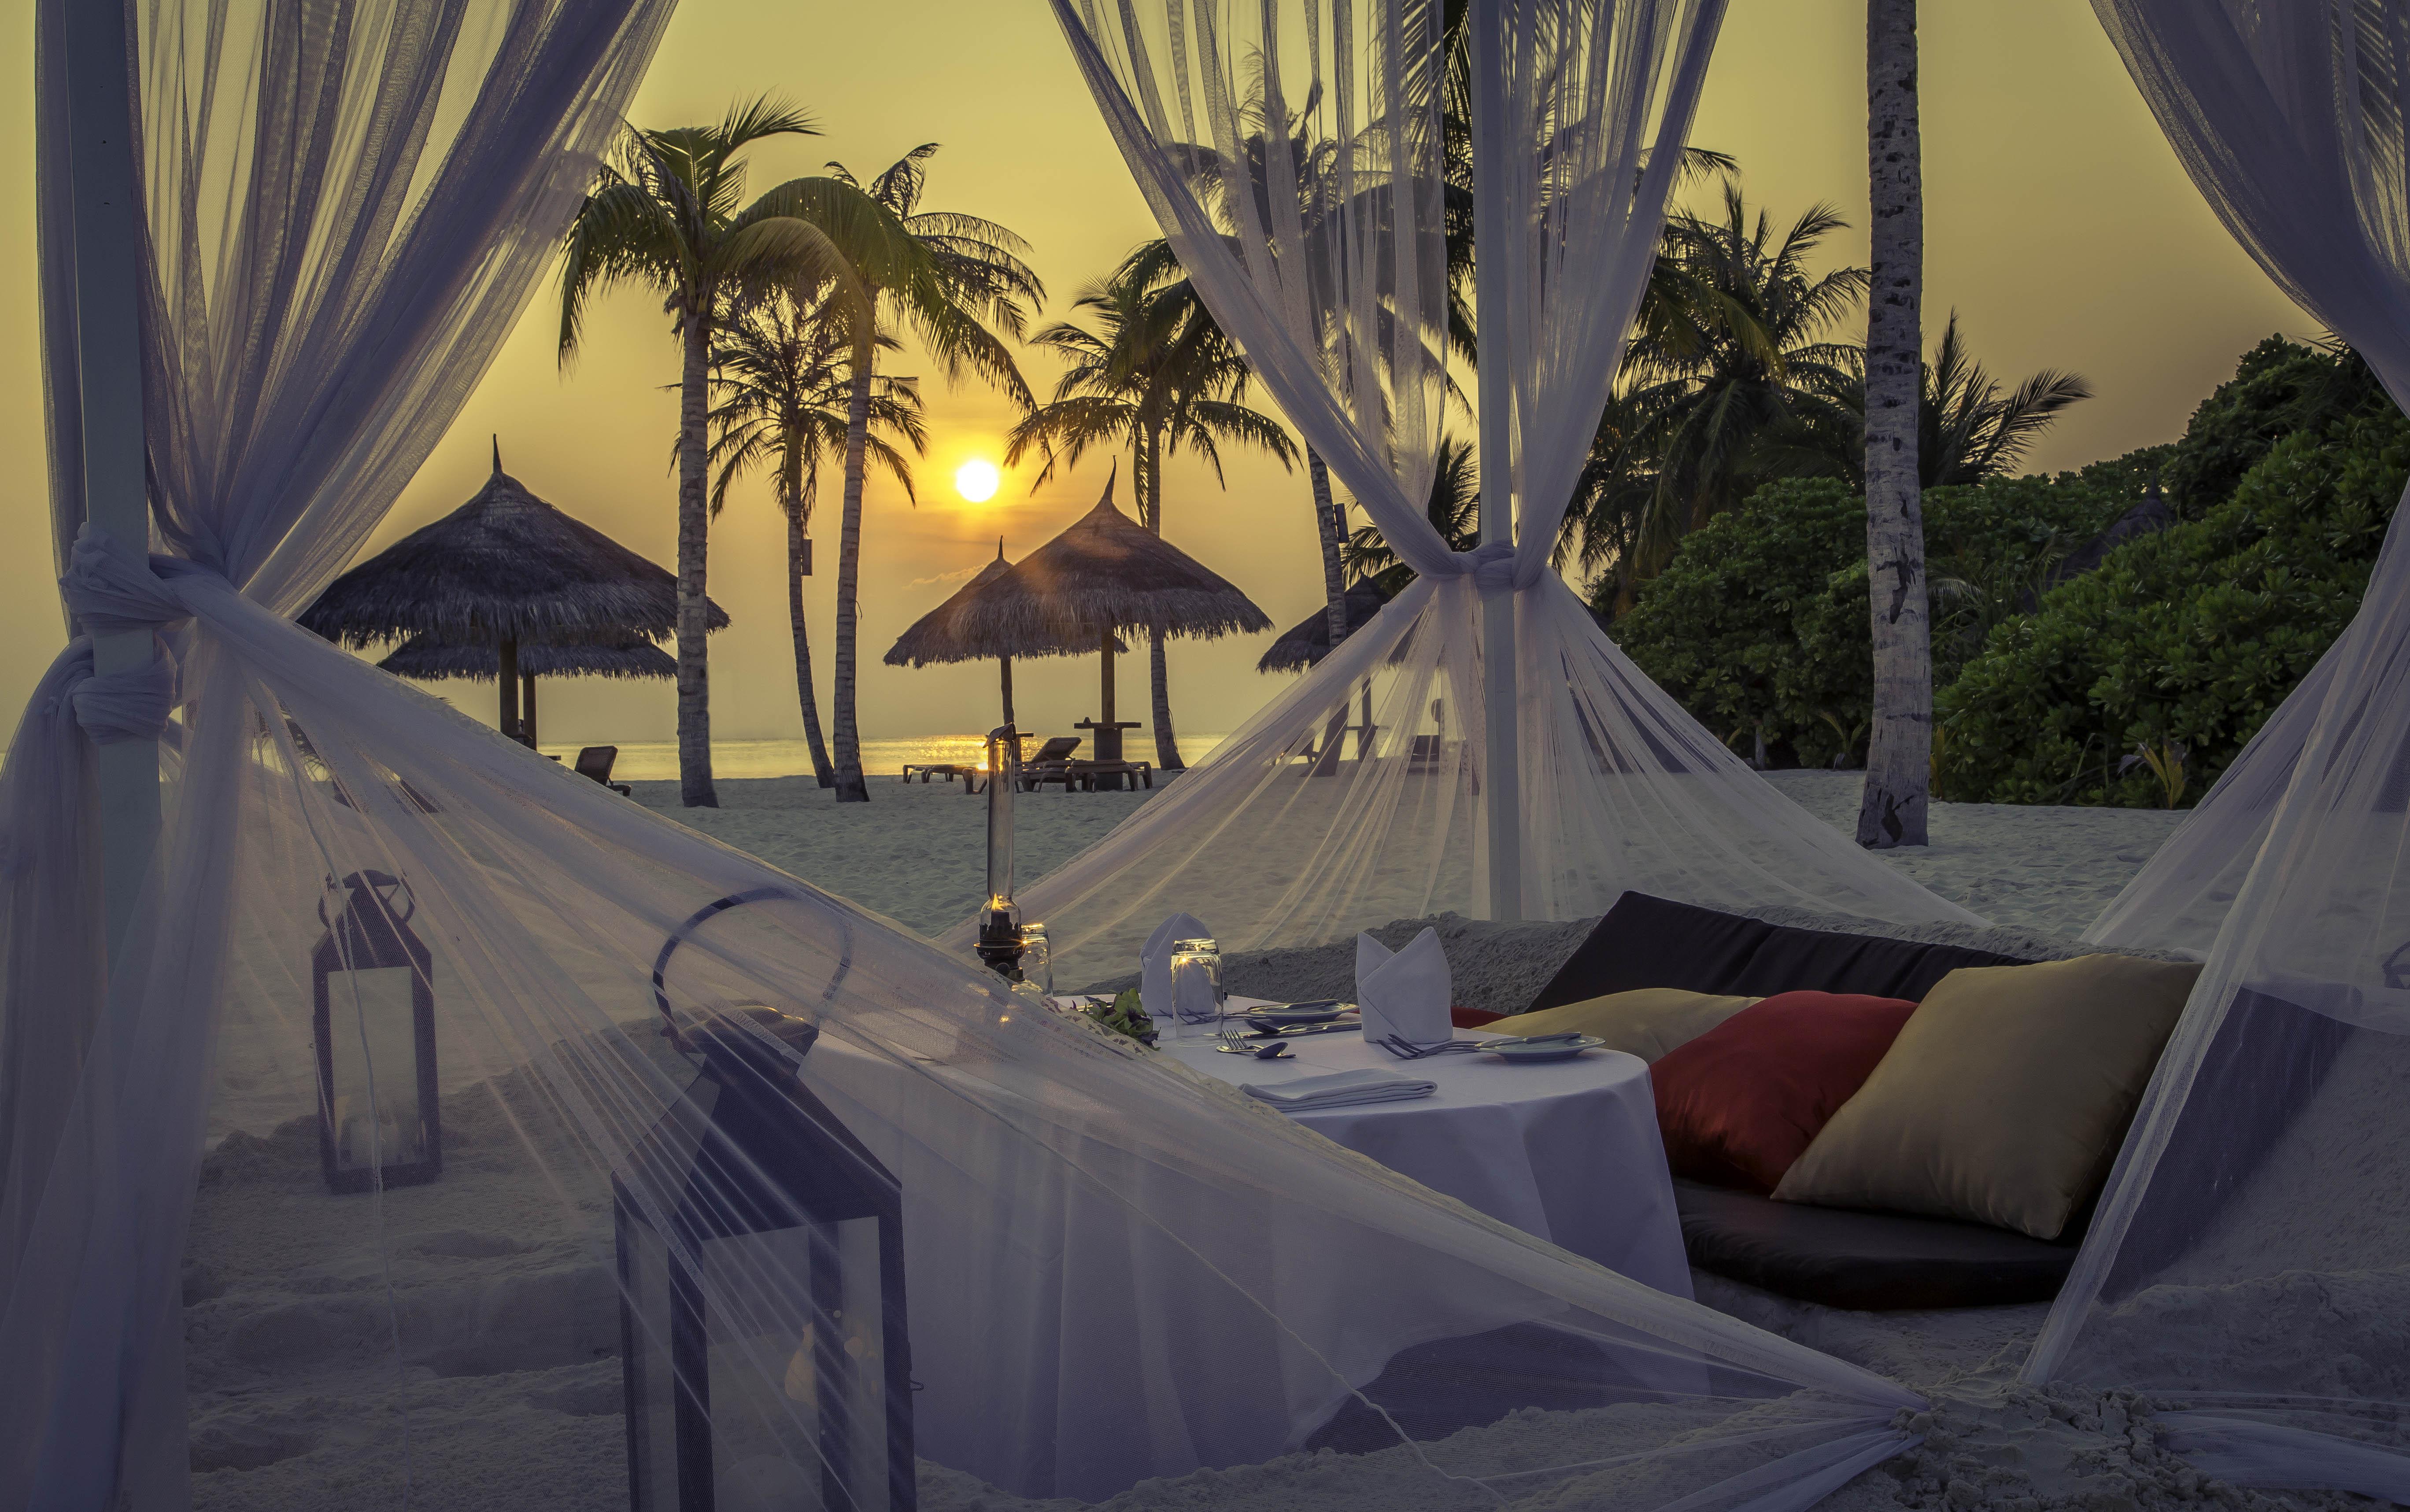 Kuredu Beach Dinner